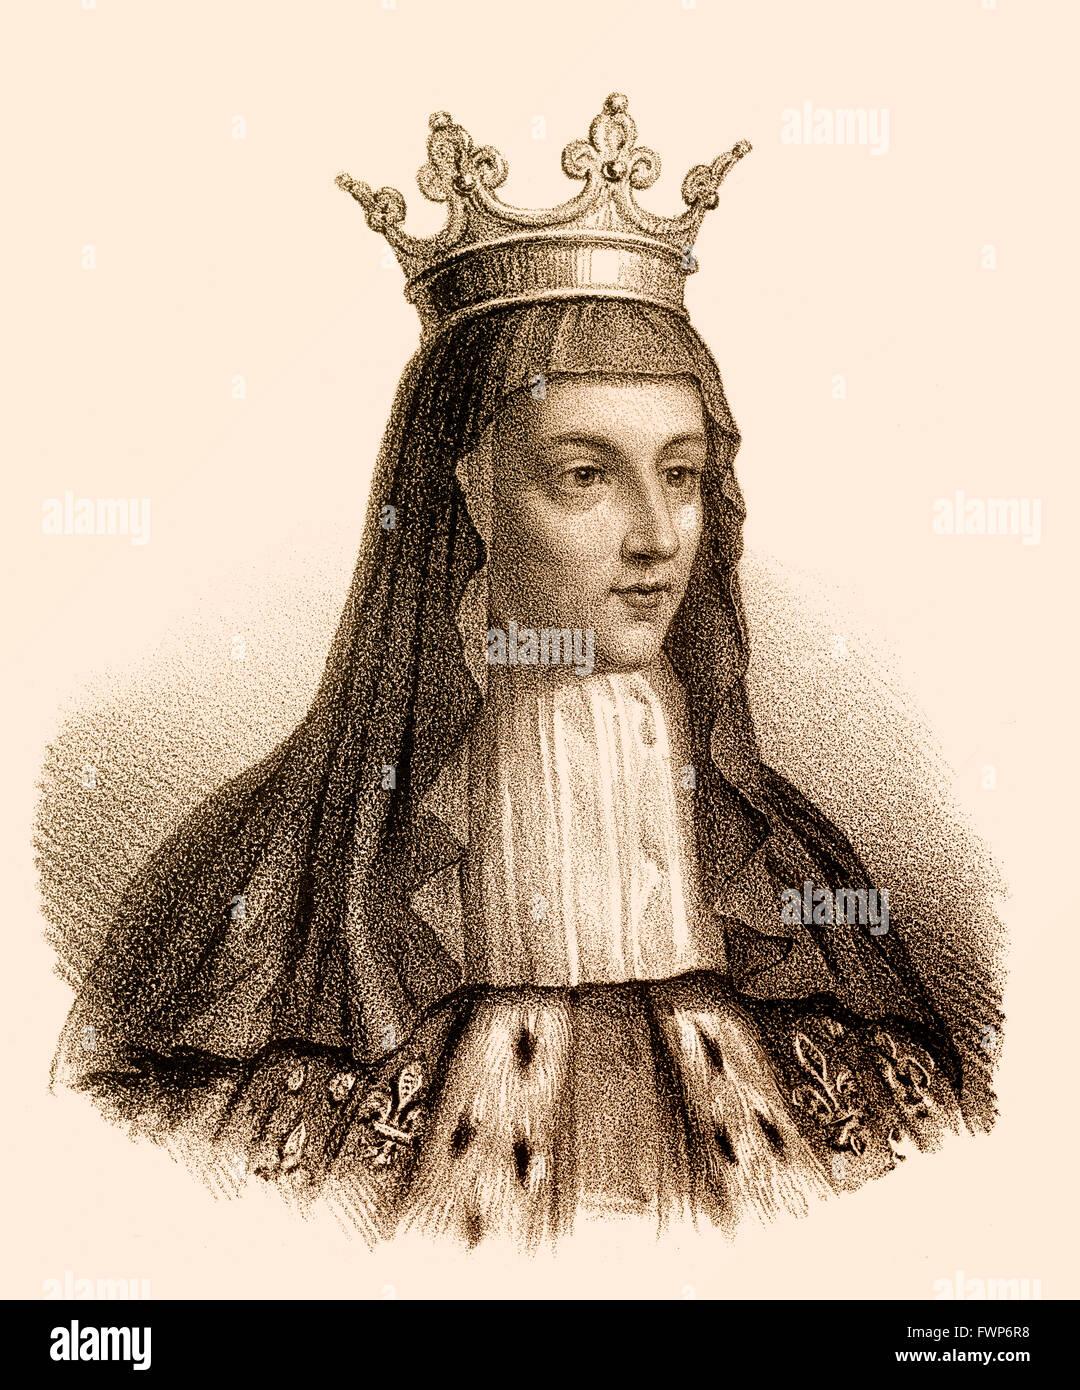 Radegonde Radegonde, ou Femme pour Chlothar Chlotachar J, ou Clotaire, ch. 495- 561, a appelé l'Ancien, Roi des Francs de l'Merovi Banque D'Images